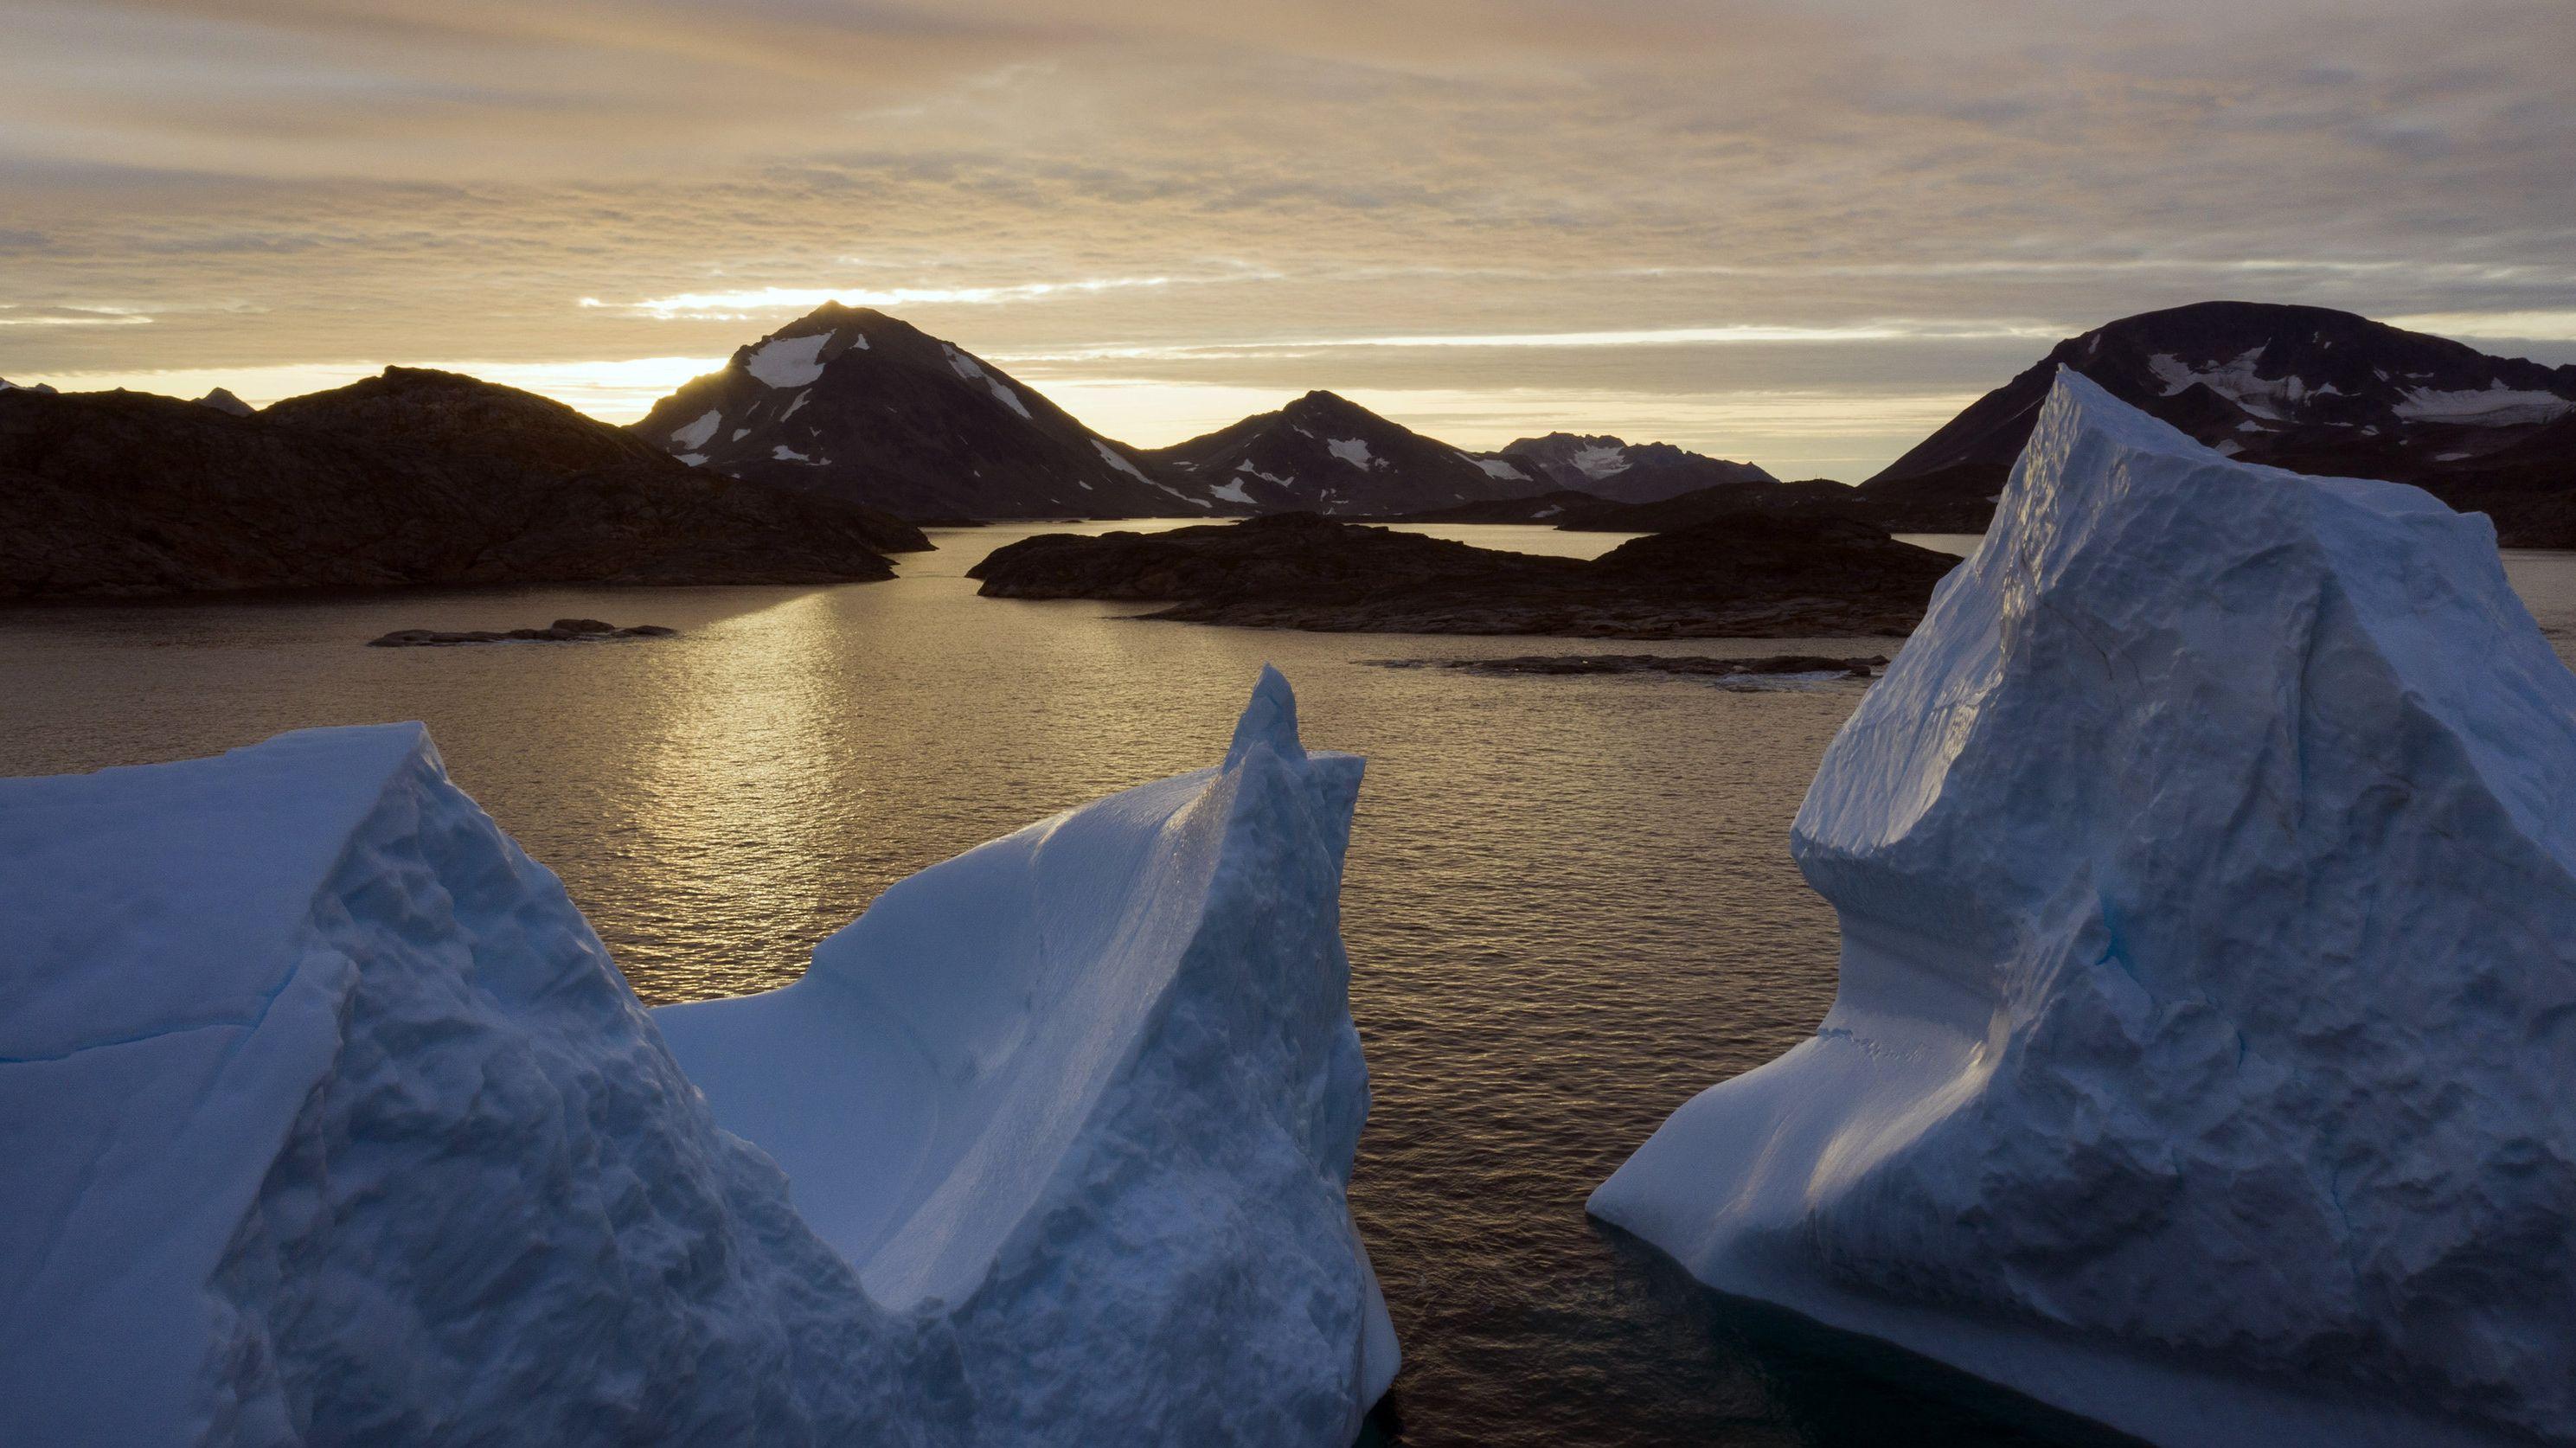 Eisberge treiben bei Sonnenaufgang in der Nähe von Kulusuk, Grönland, auf dem Wasser